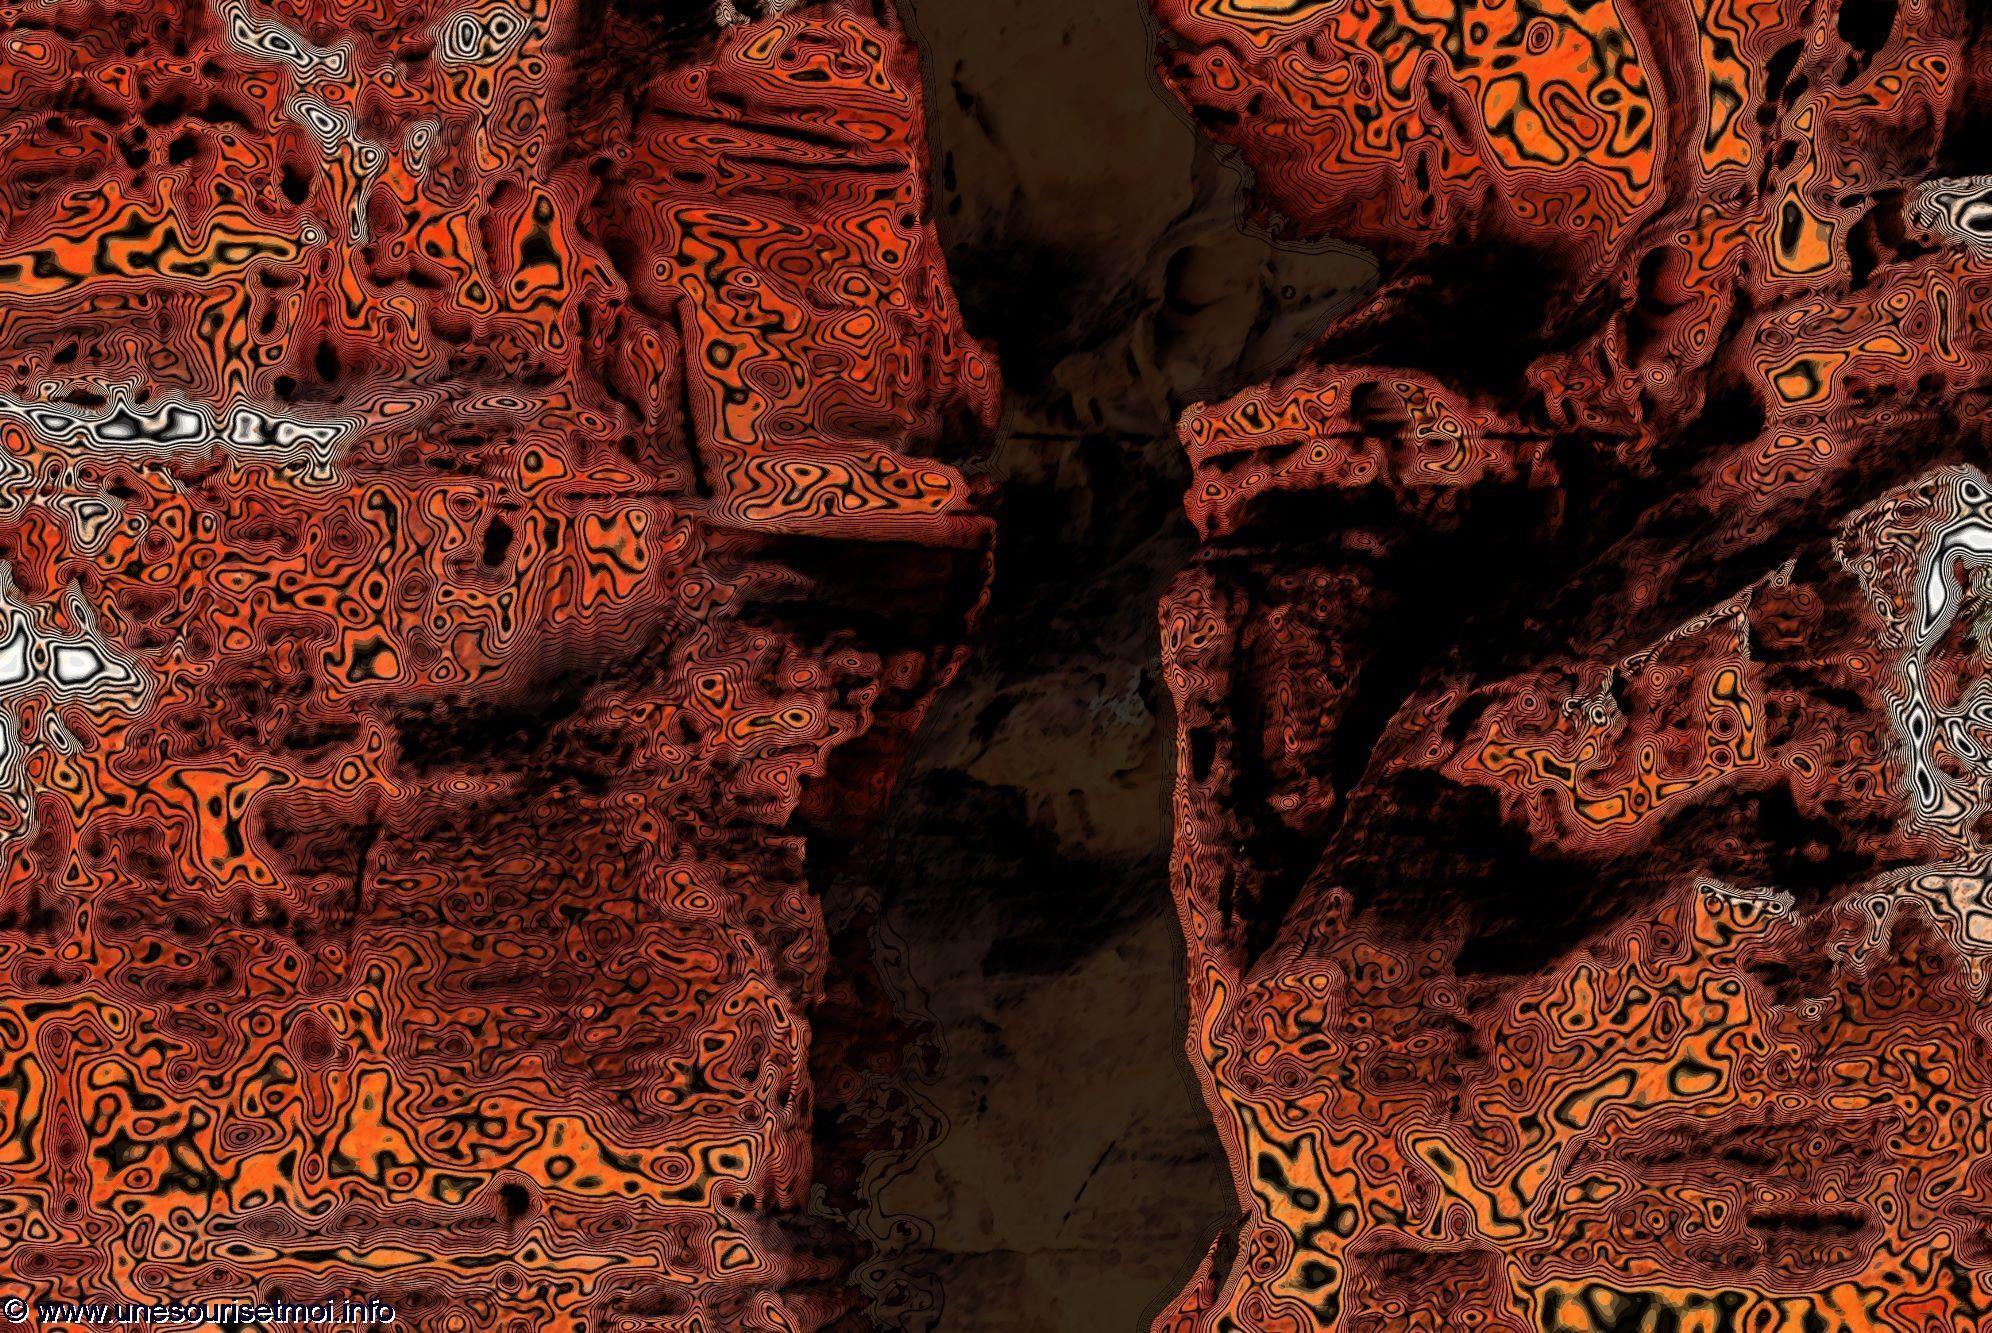 roche-retouche-photo-et-creation-personnelle